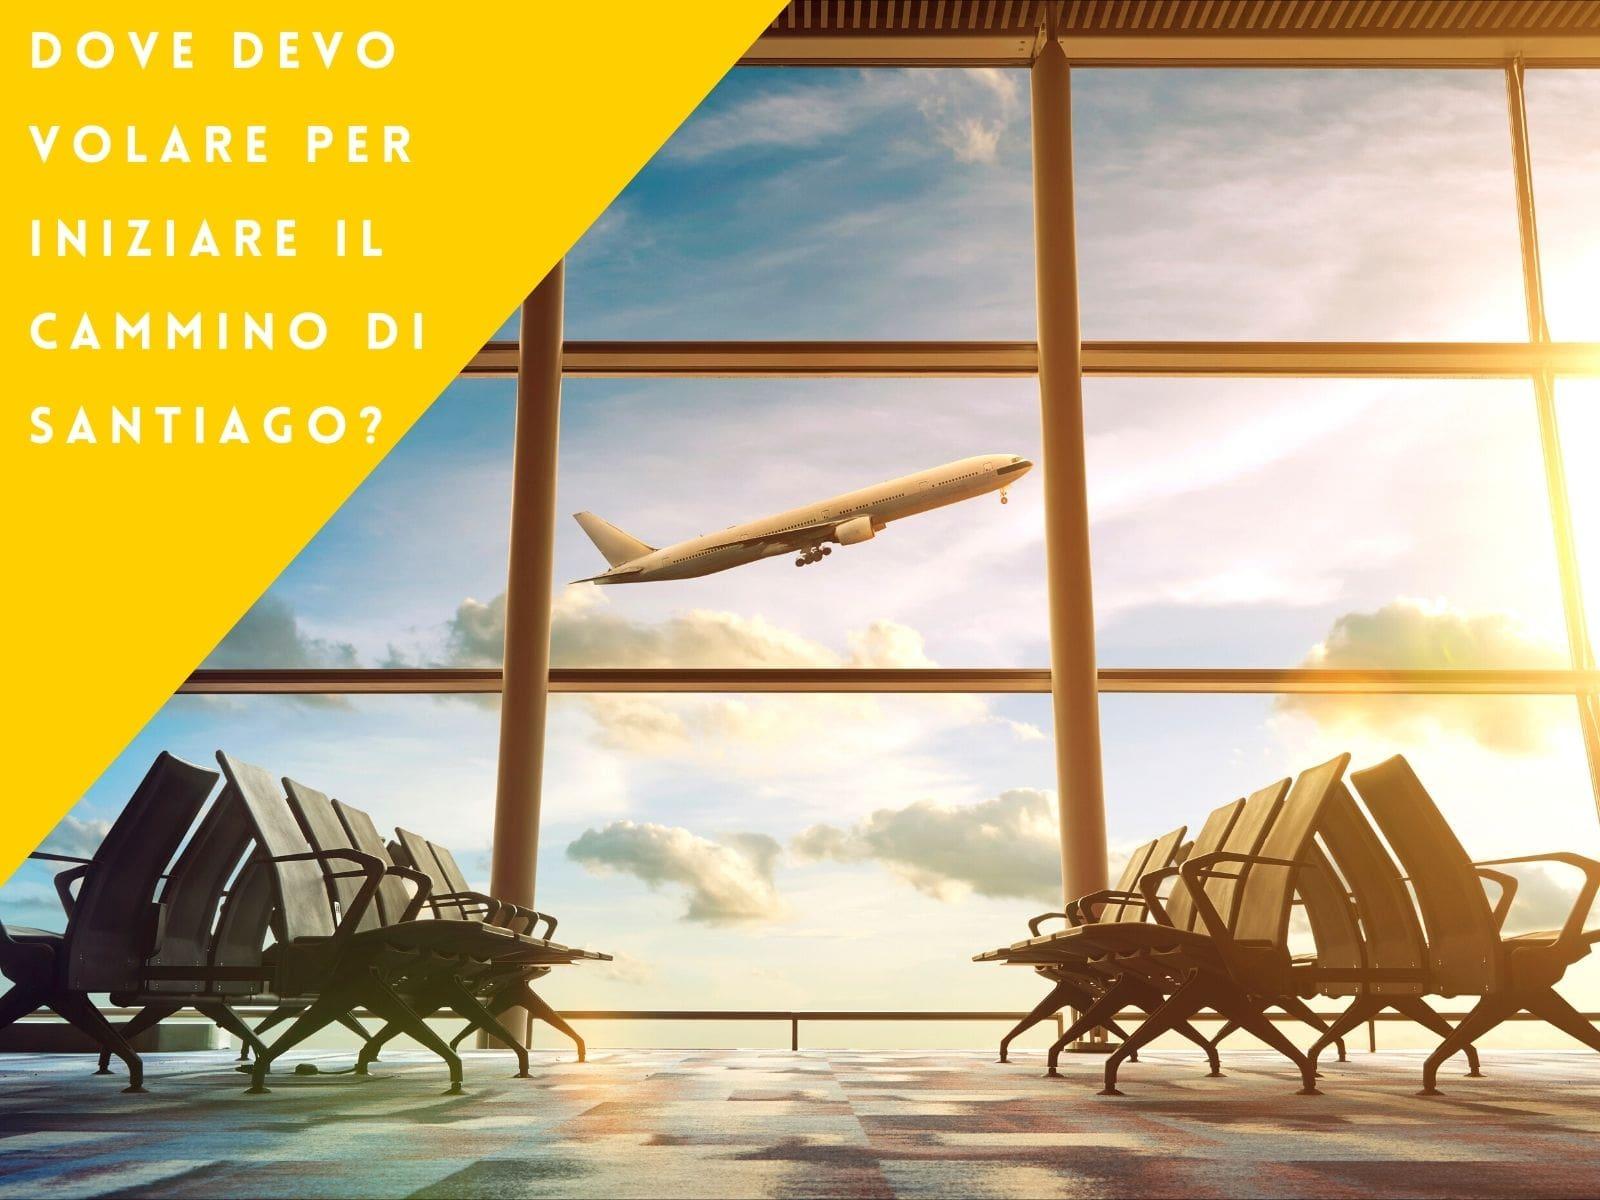 Dove devo volare per iniziare il Cammino di Santiago?